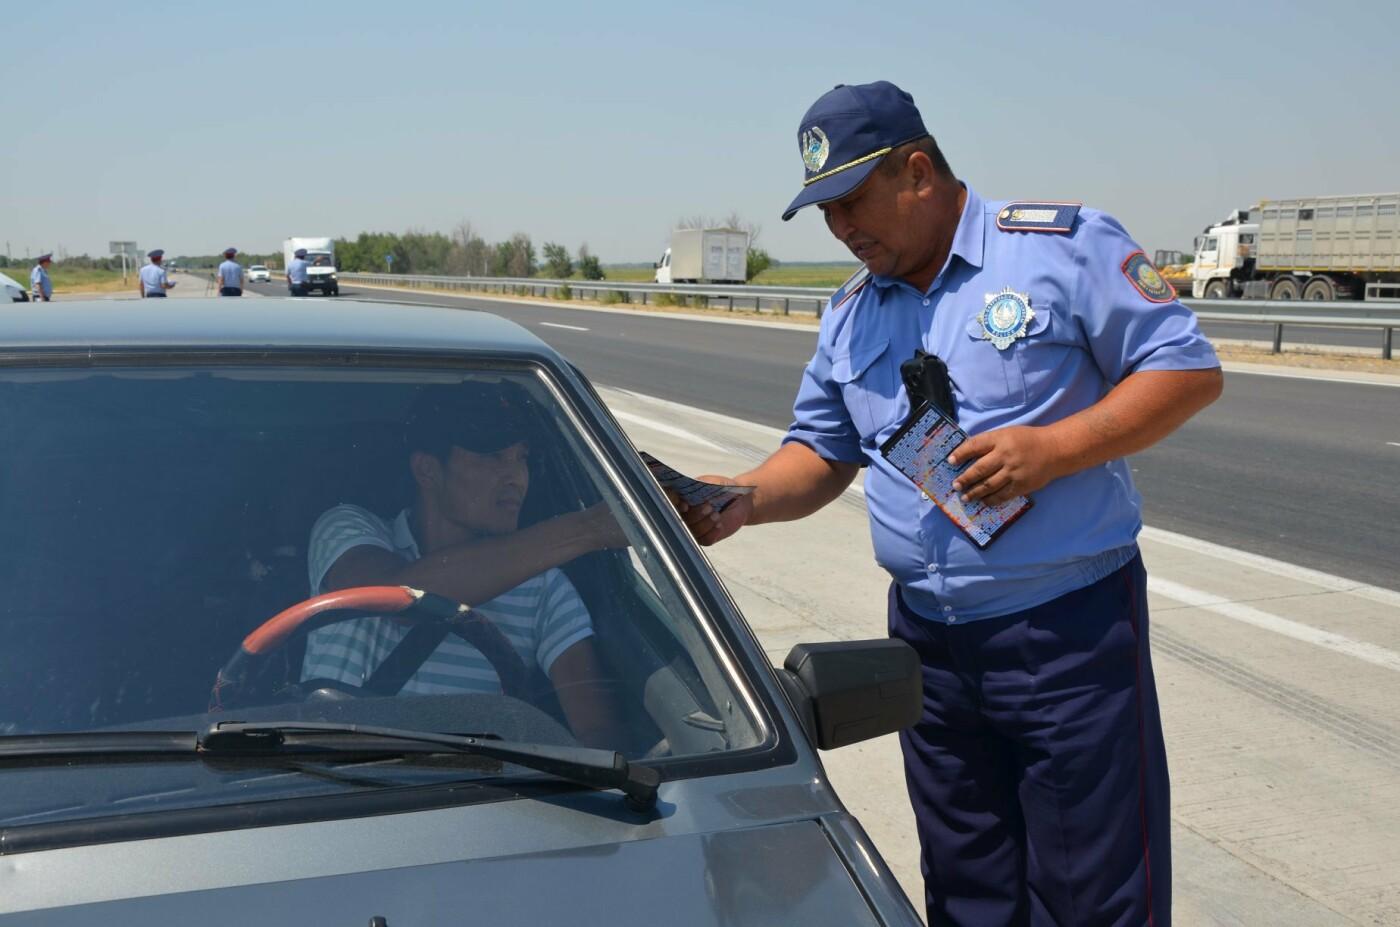 Источник: Түркістан Облысының Полиция Департаменті.